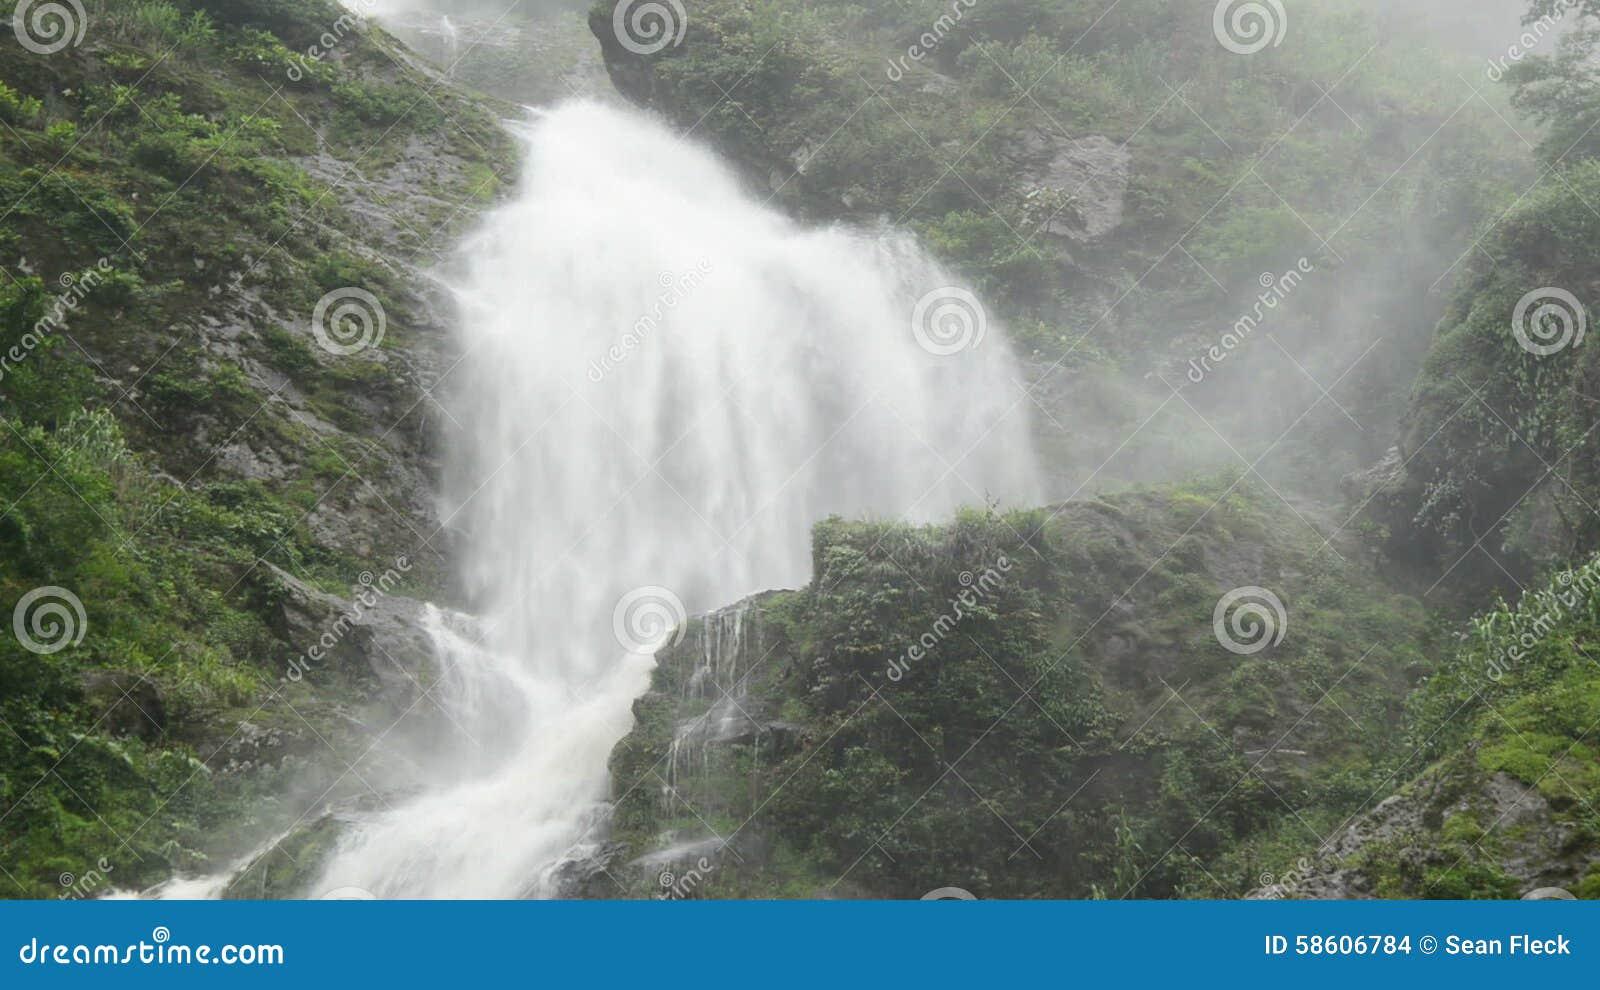 3b3c7c911 Cascada Que Rabia Durante El Temporal De Lluvia - Sapa Vietnam Metrajes -  Vídeo de plataforma, granjeros: 58606784